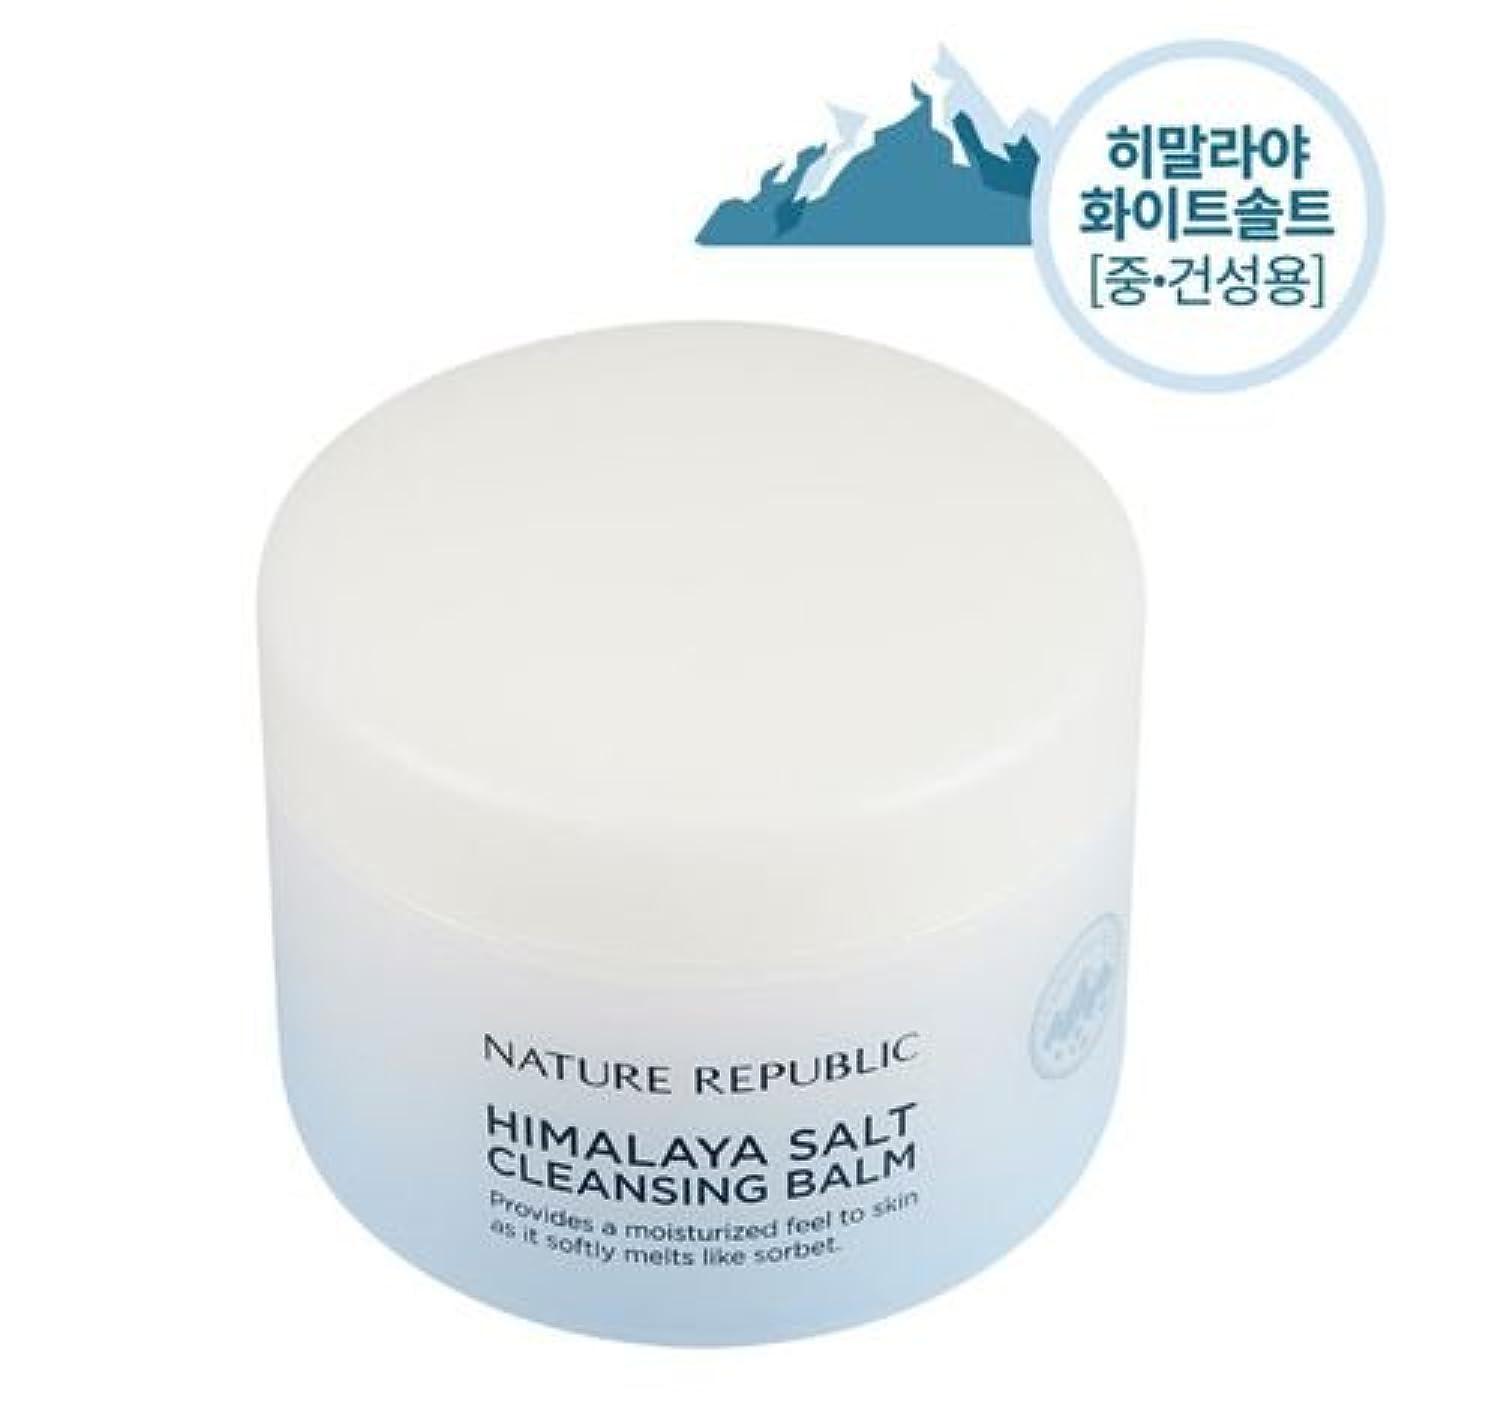 ディレイからに変化する風が強いNATURE REPUBLIC Himalaya salt cleansing balm (white salt)ヒマラヤソルトクレンジングバーム(white salt) [並行輸入品]